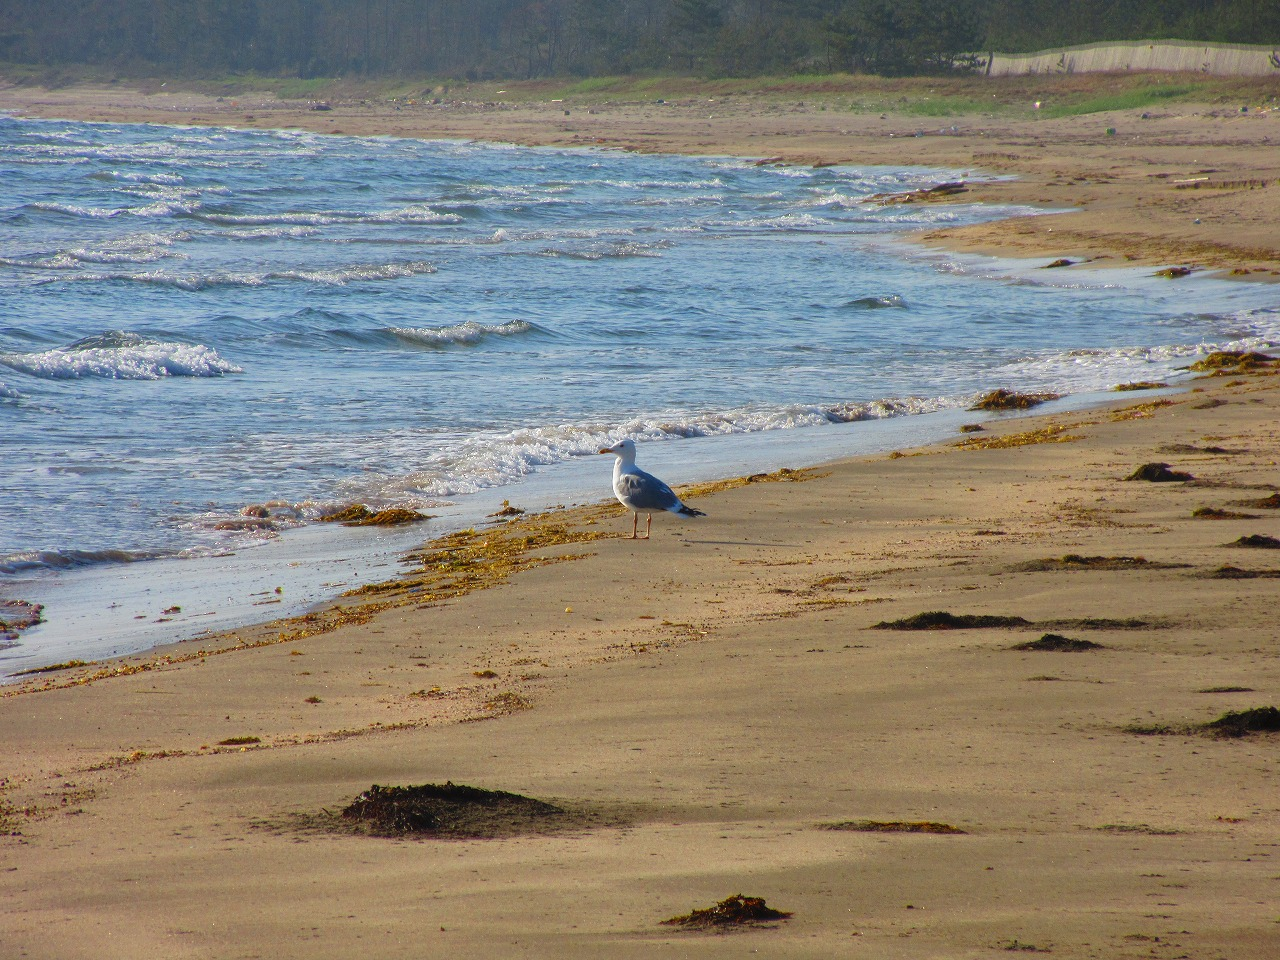 砂浜に落ちている鳥の卵は安全?親鳥の観察が心温まる